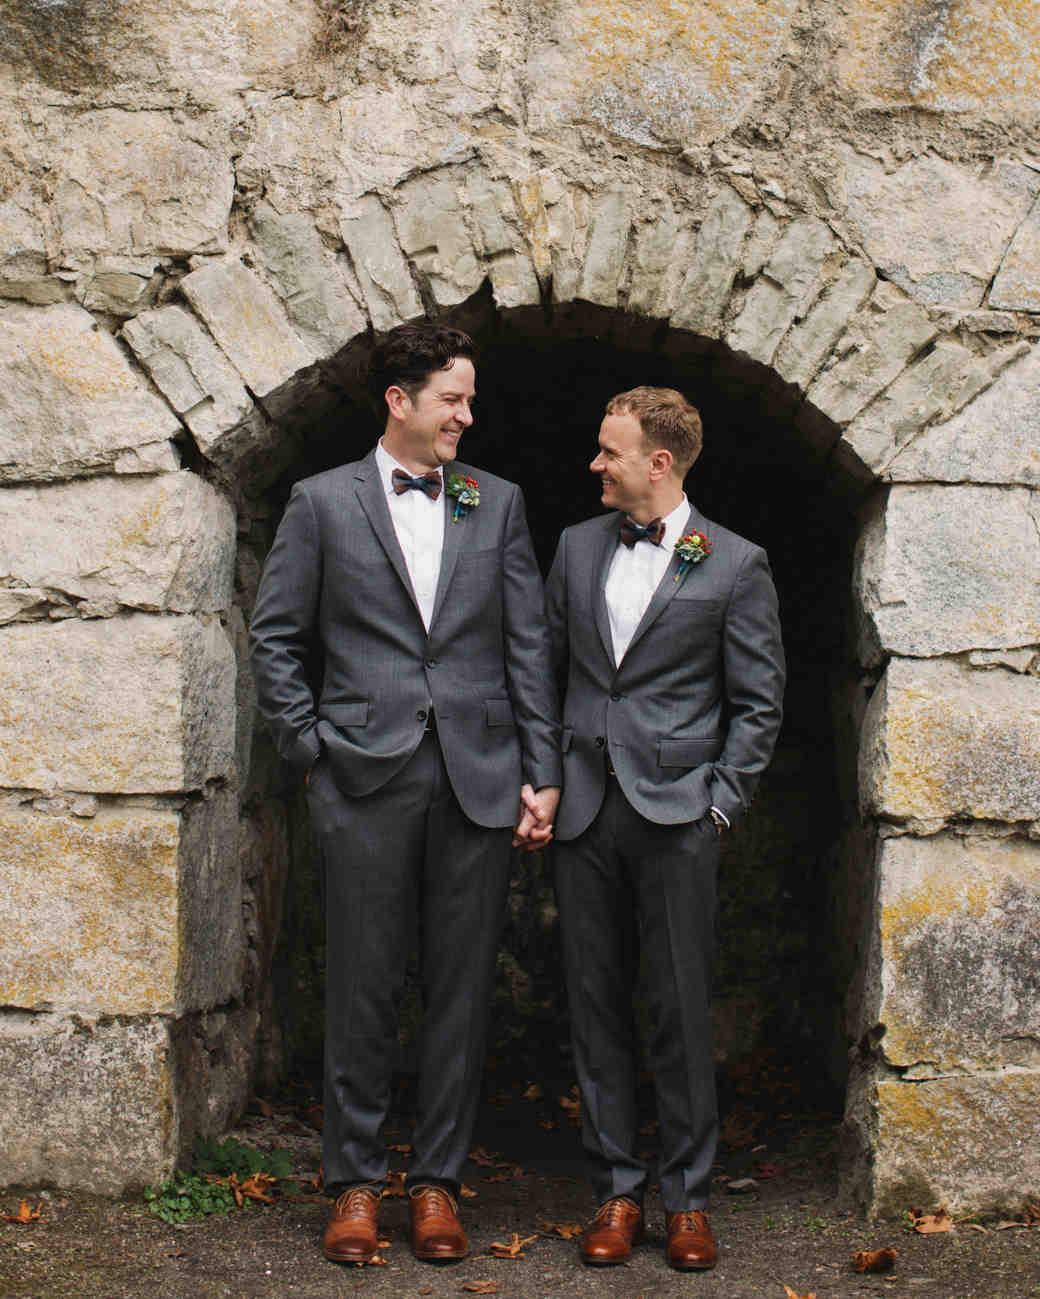 craig-andrew-wedding-couple-178-s111833-0215.jpg